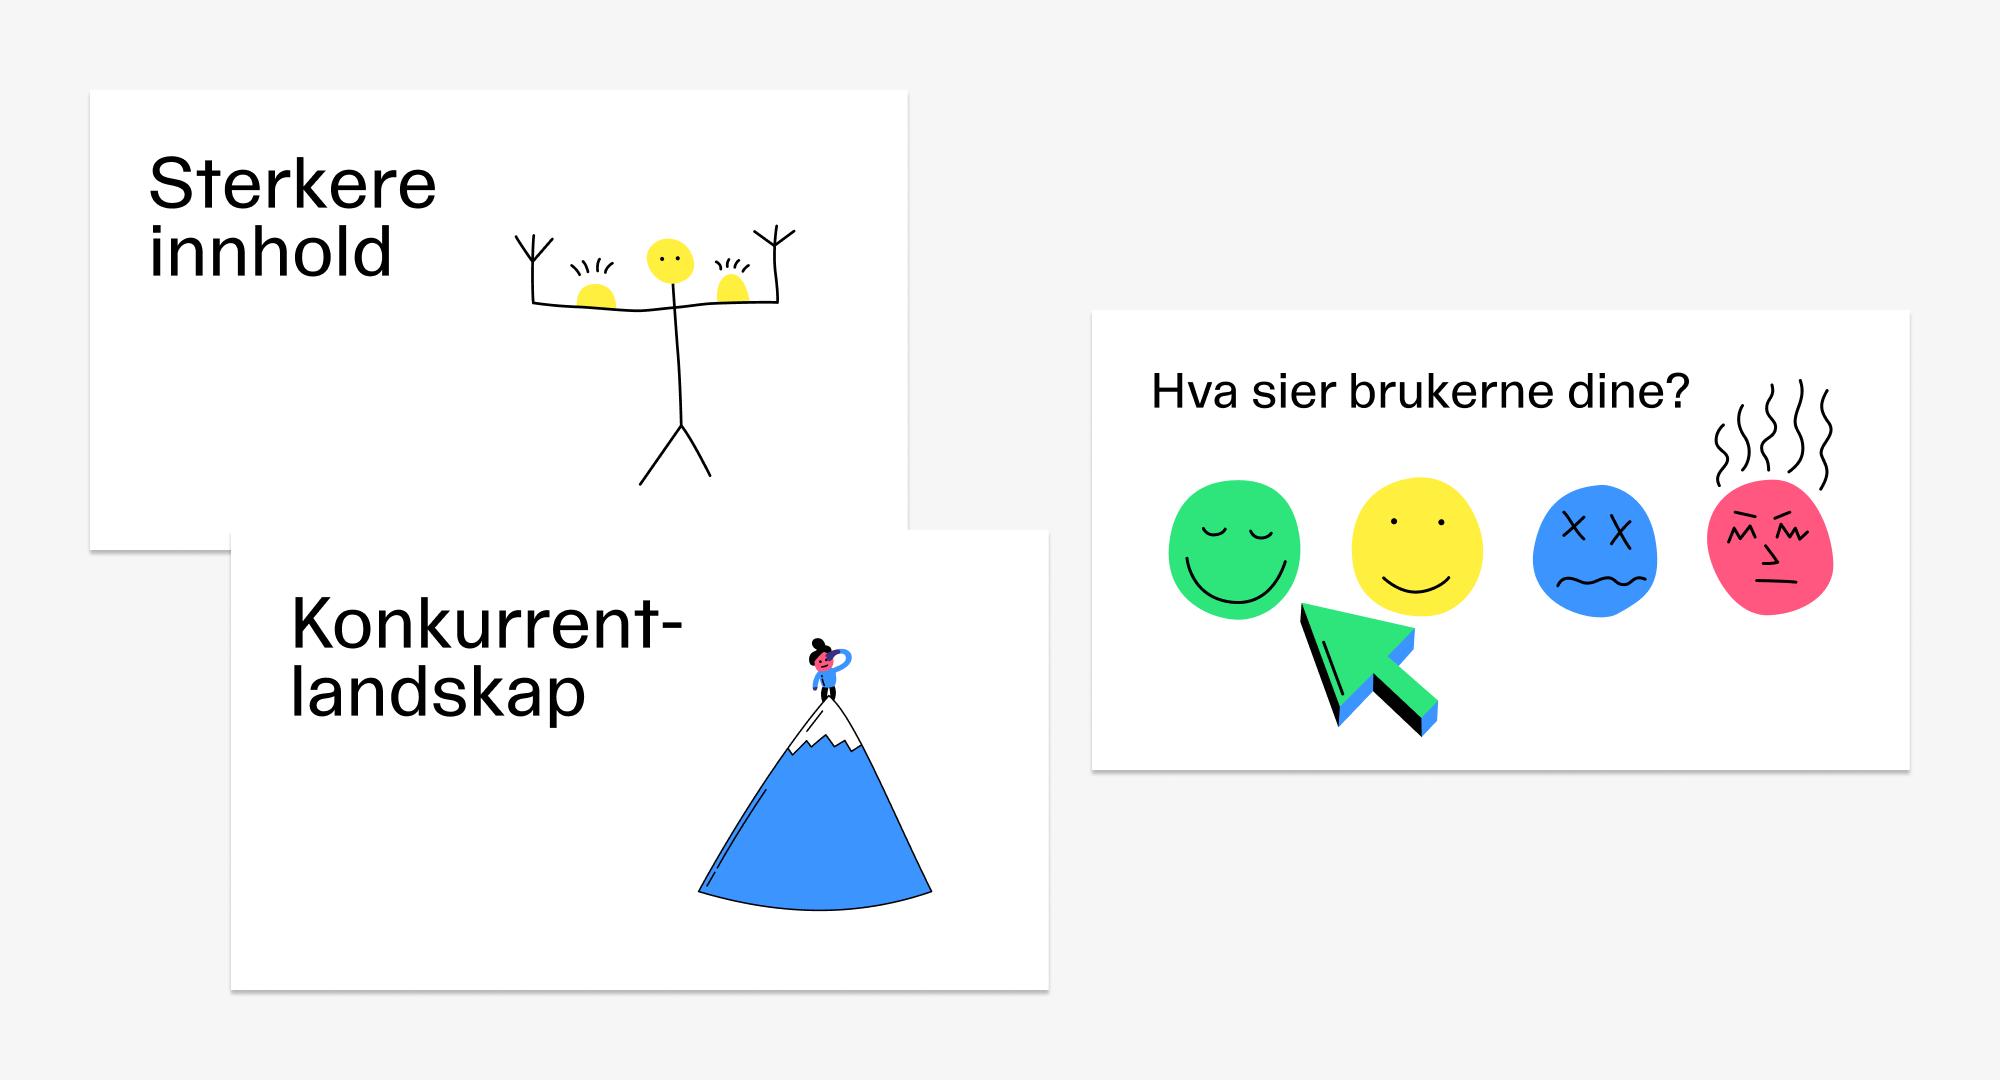 Eksempel på bruk av illustrasjoner i presentasjoner